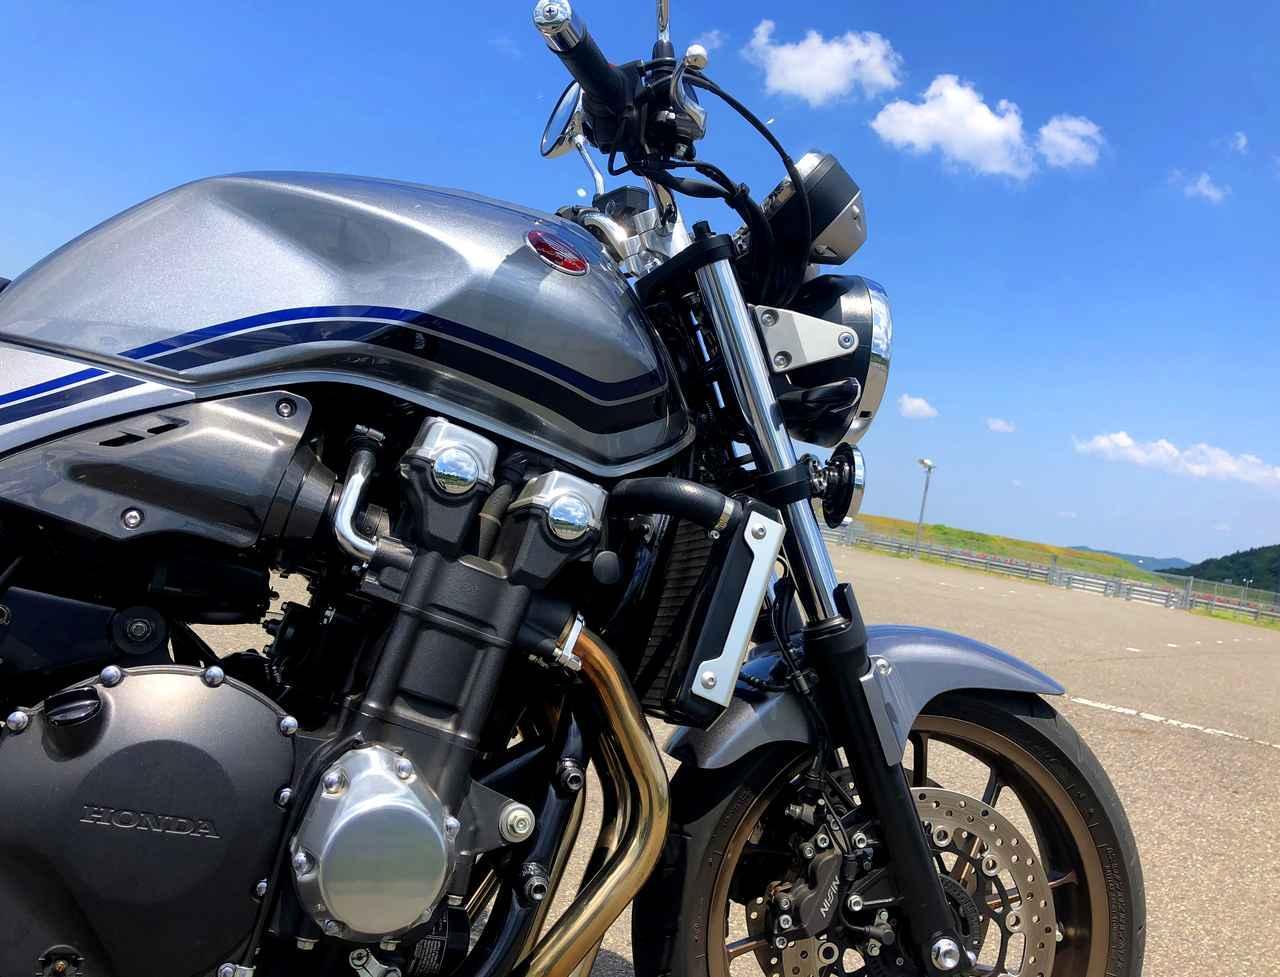 画像: これが『ニッポンのバイク』の王様だ! 【ホンダオールすごろく/第7回 CB1300 SUPERFOUR その1】 - A Little Honda